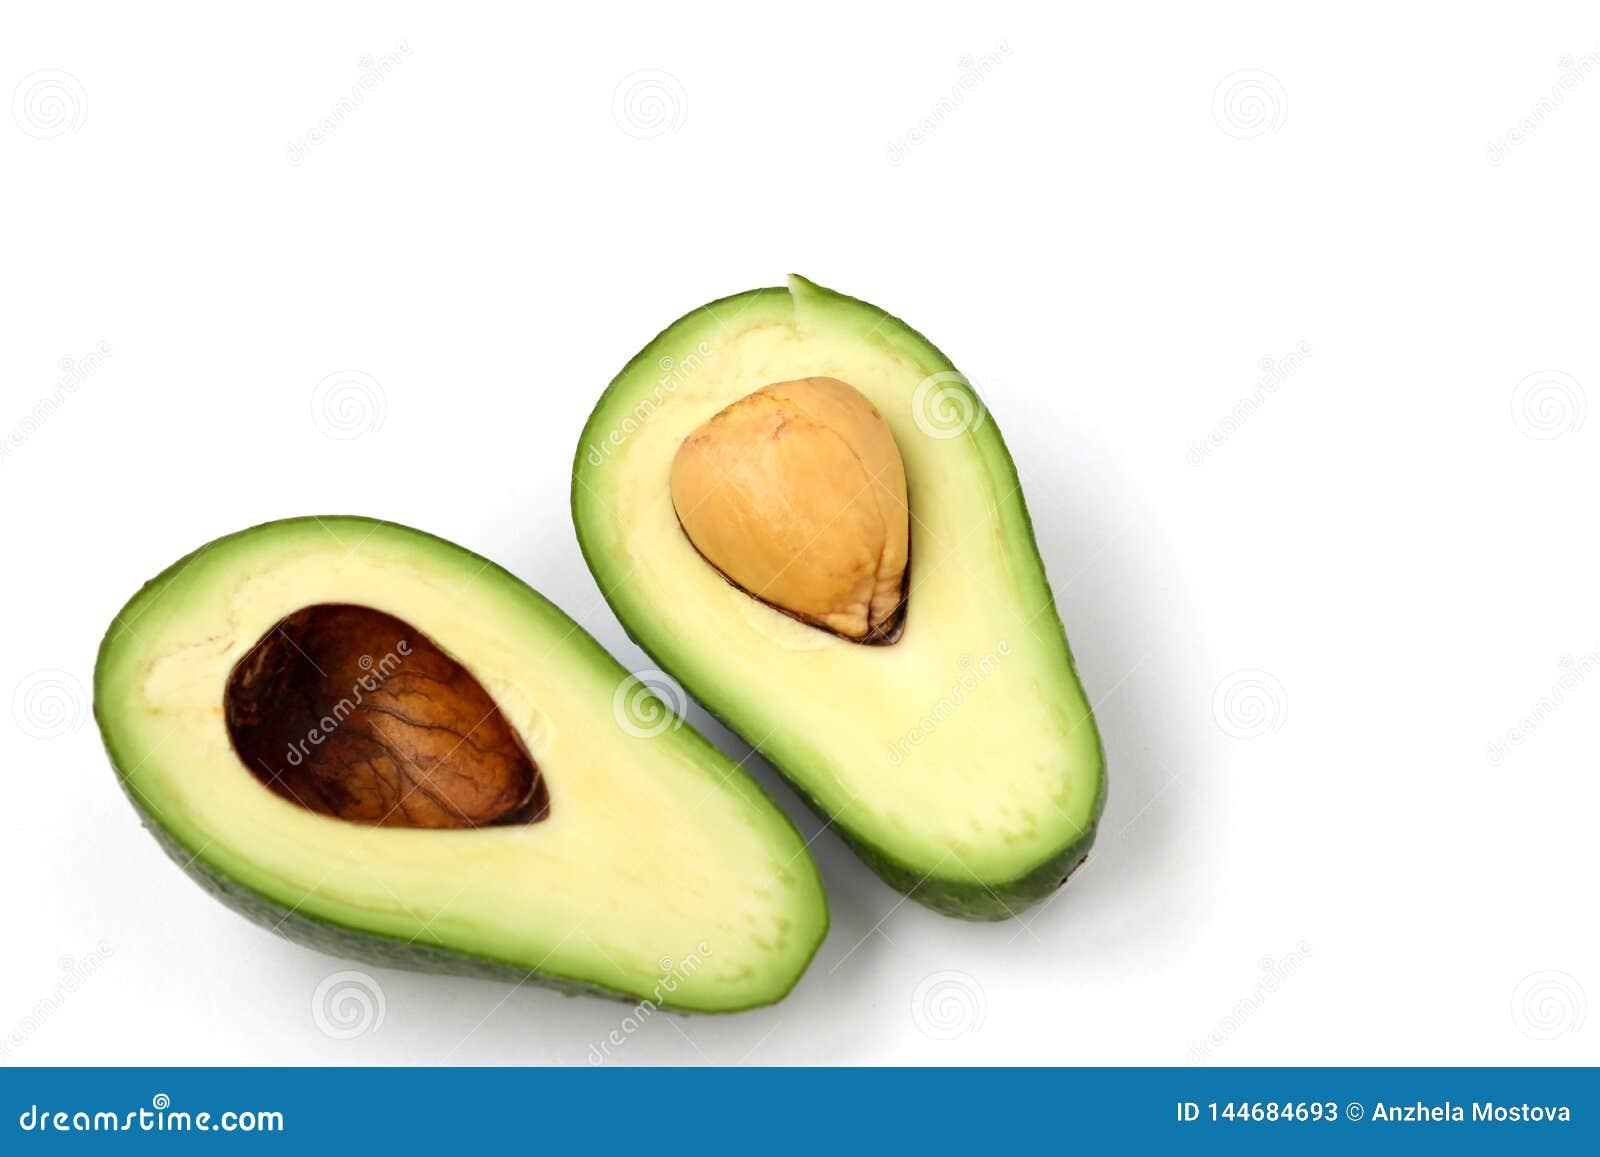 Zwei Hälften der reifen Avocado lokaled auf einem weißen Hintergrund